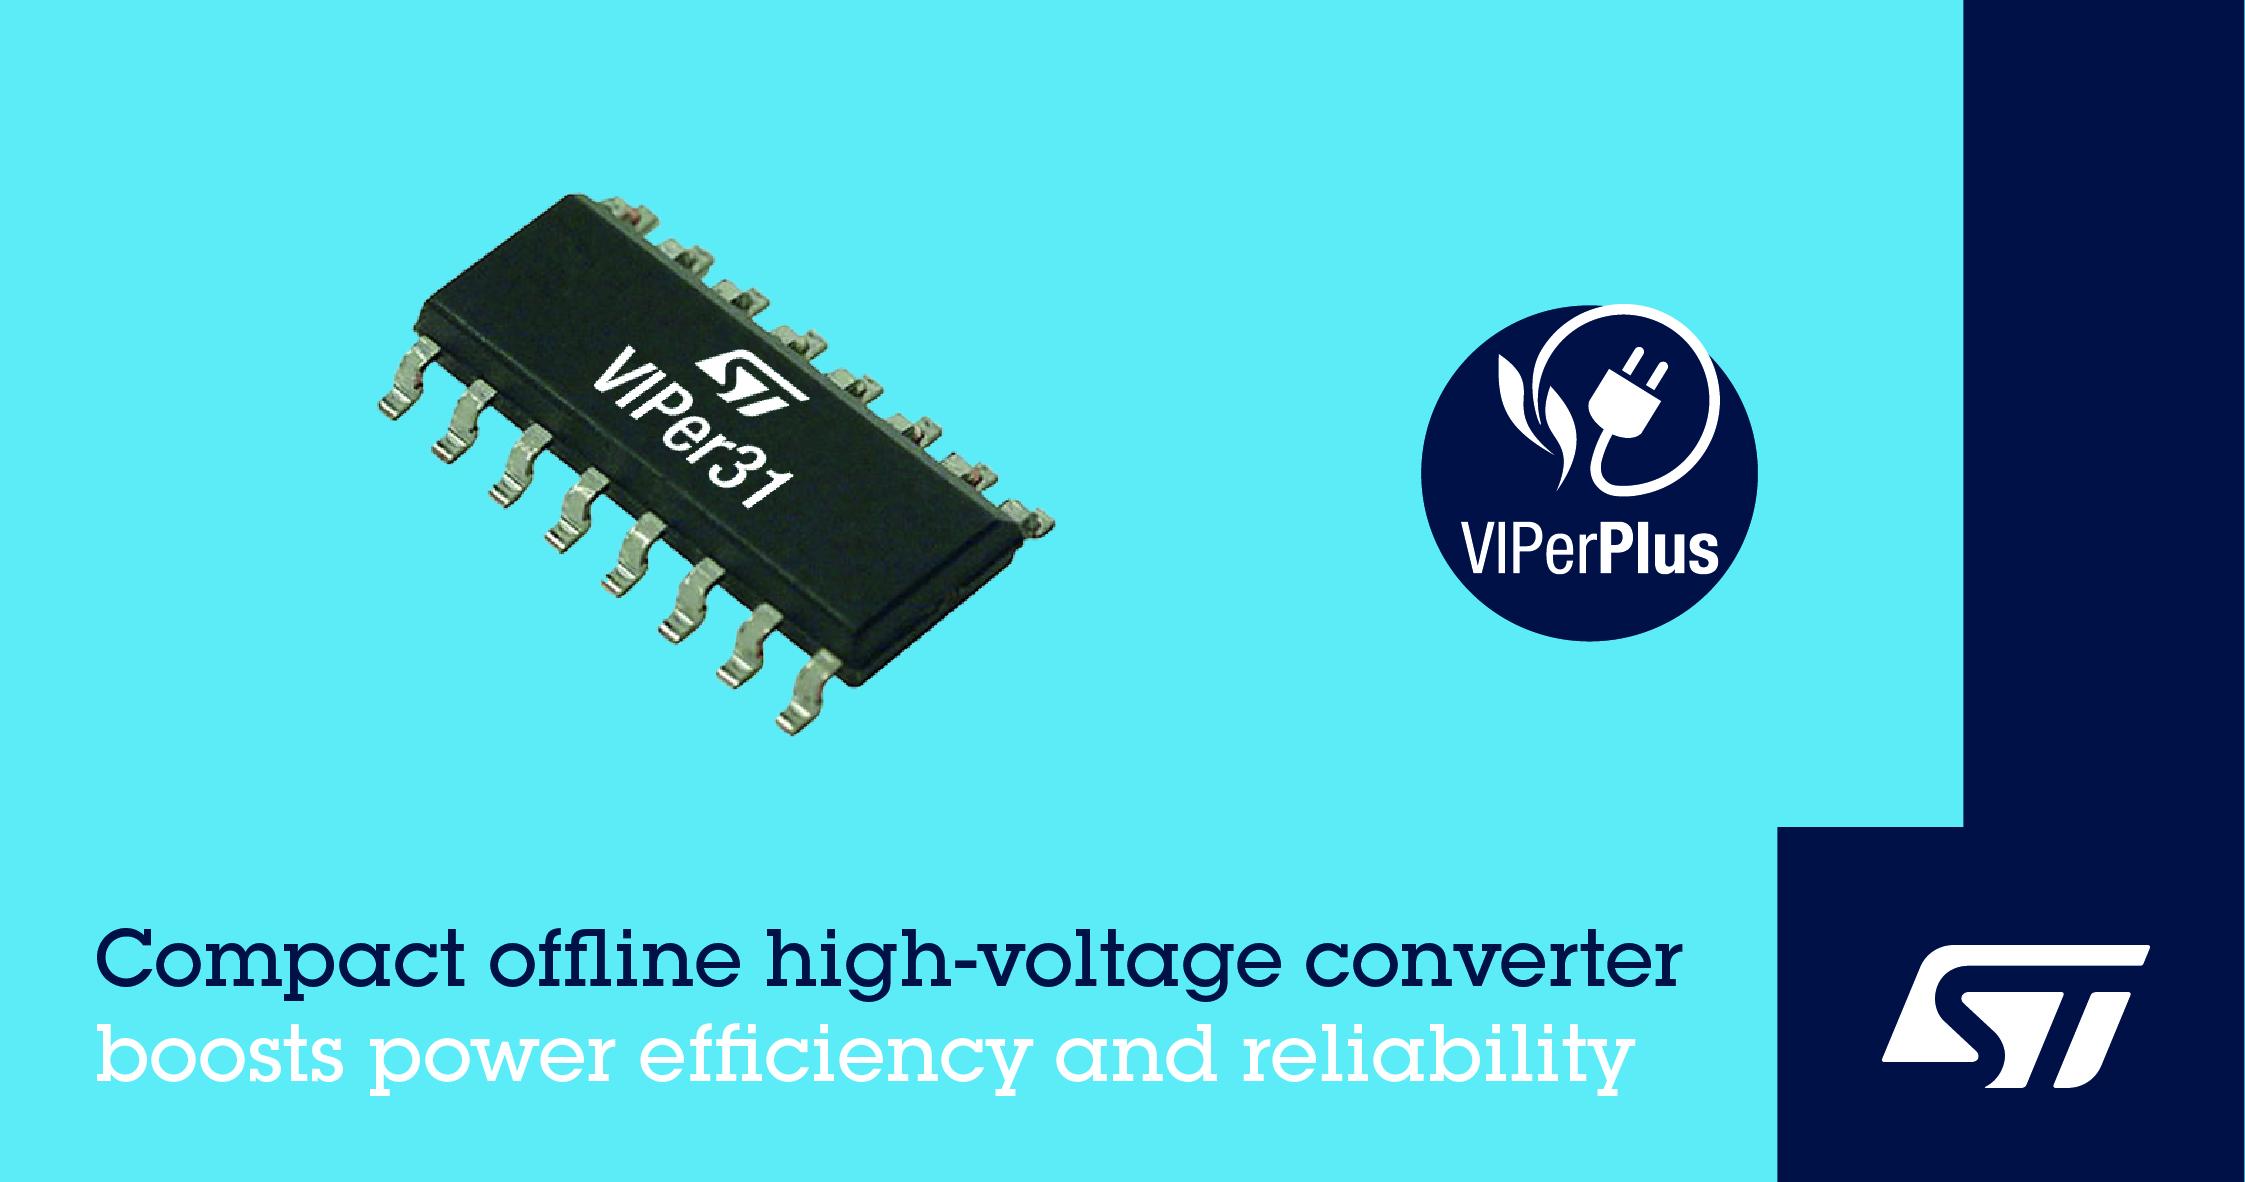 意法半导体VIPerPlus产品家族新增高集成度离线变换器